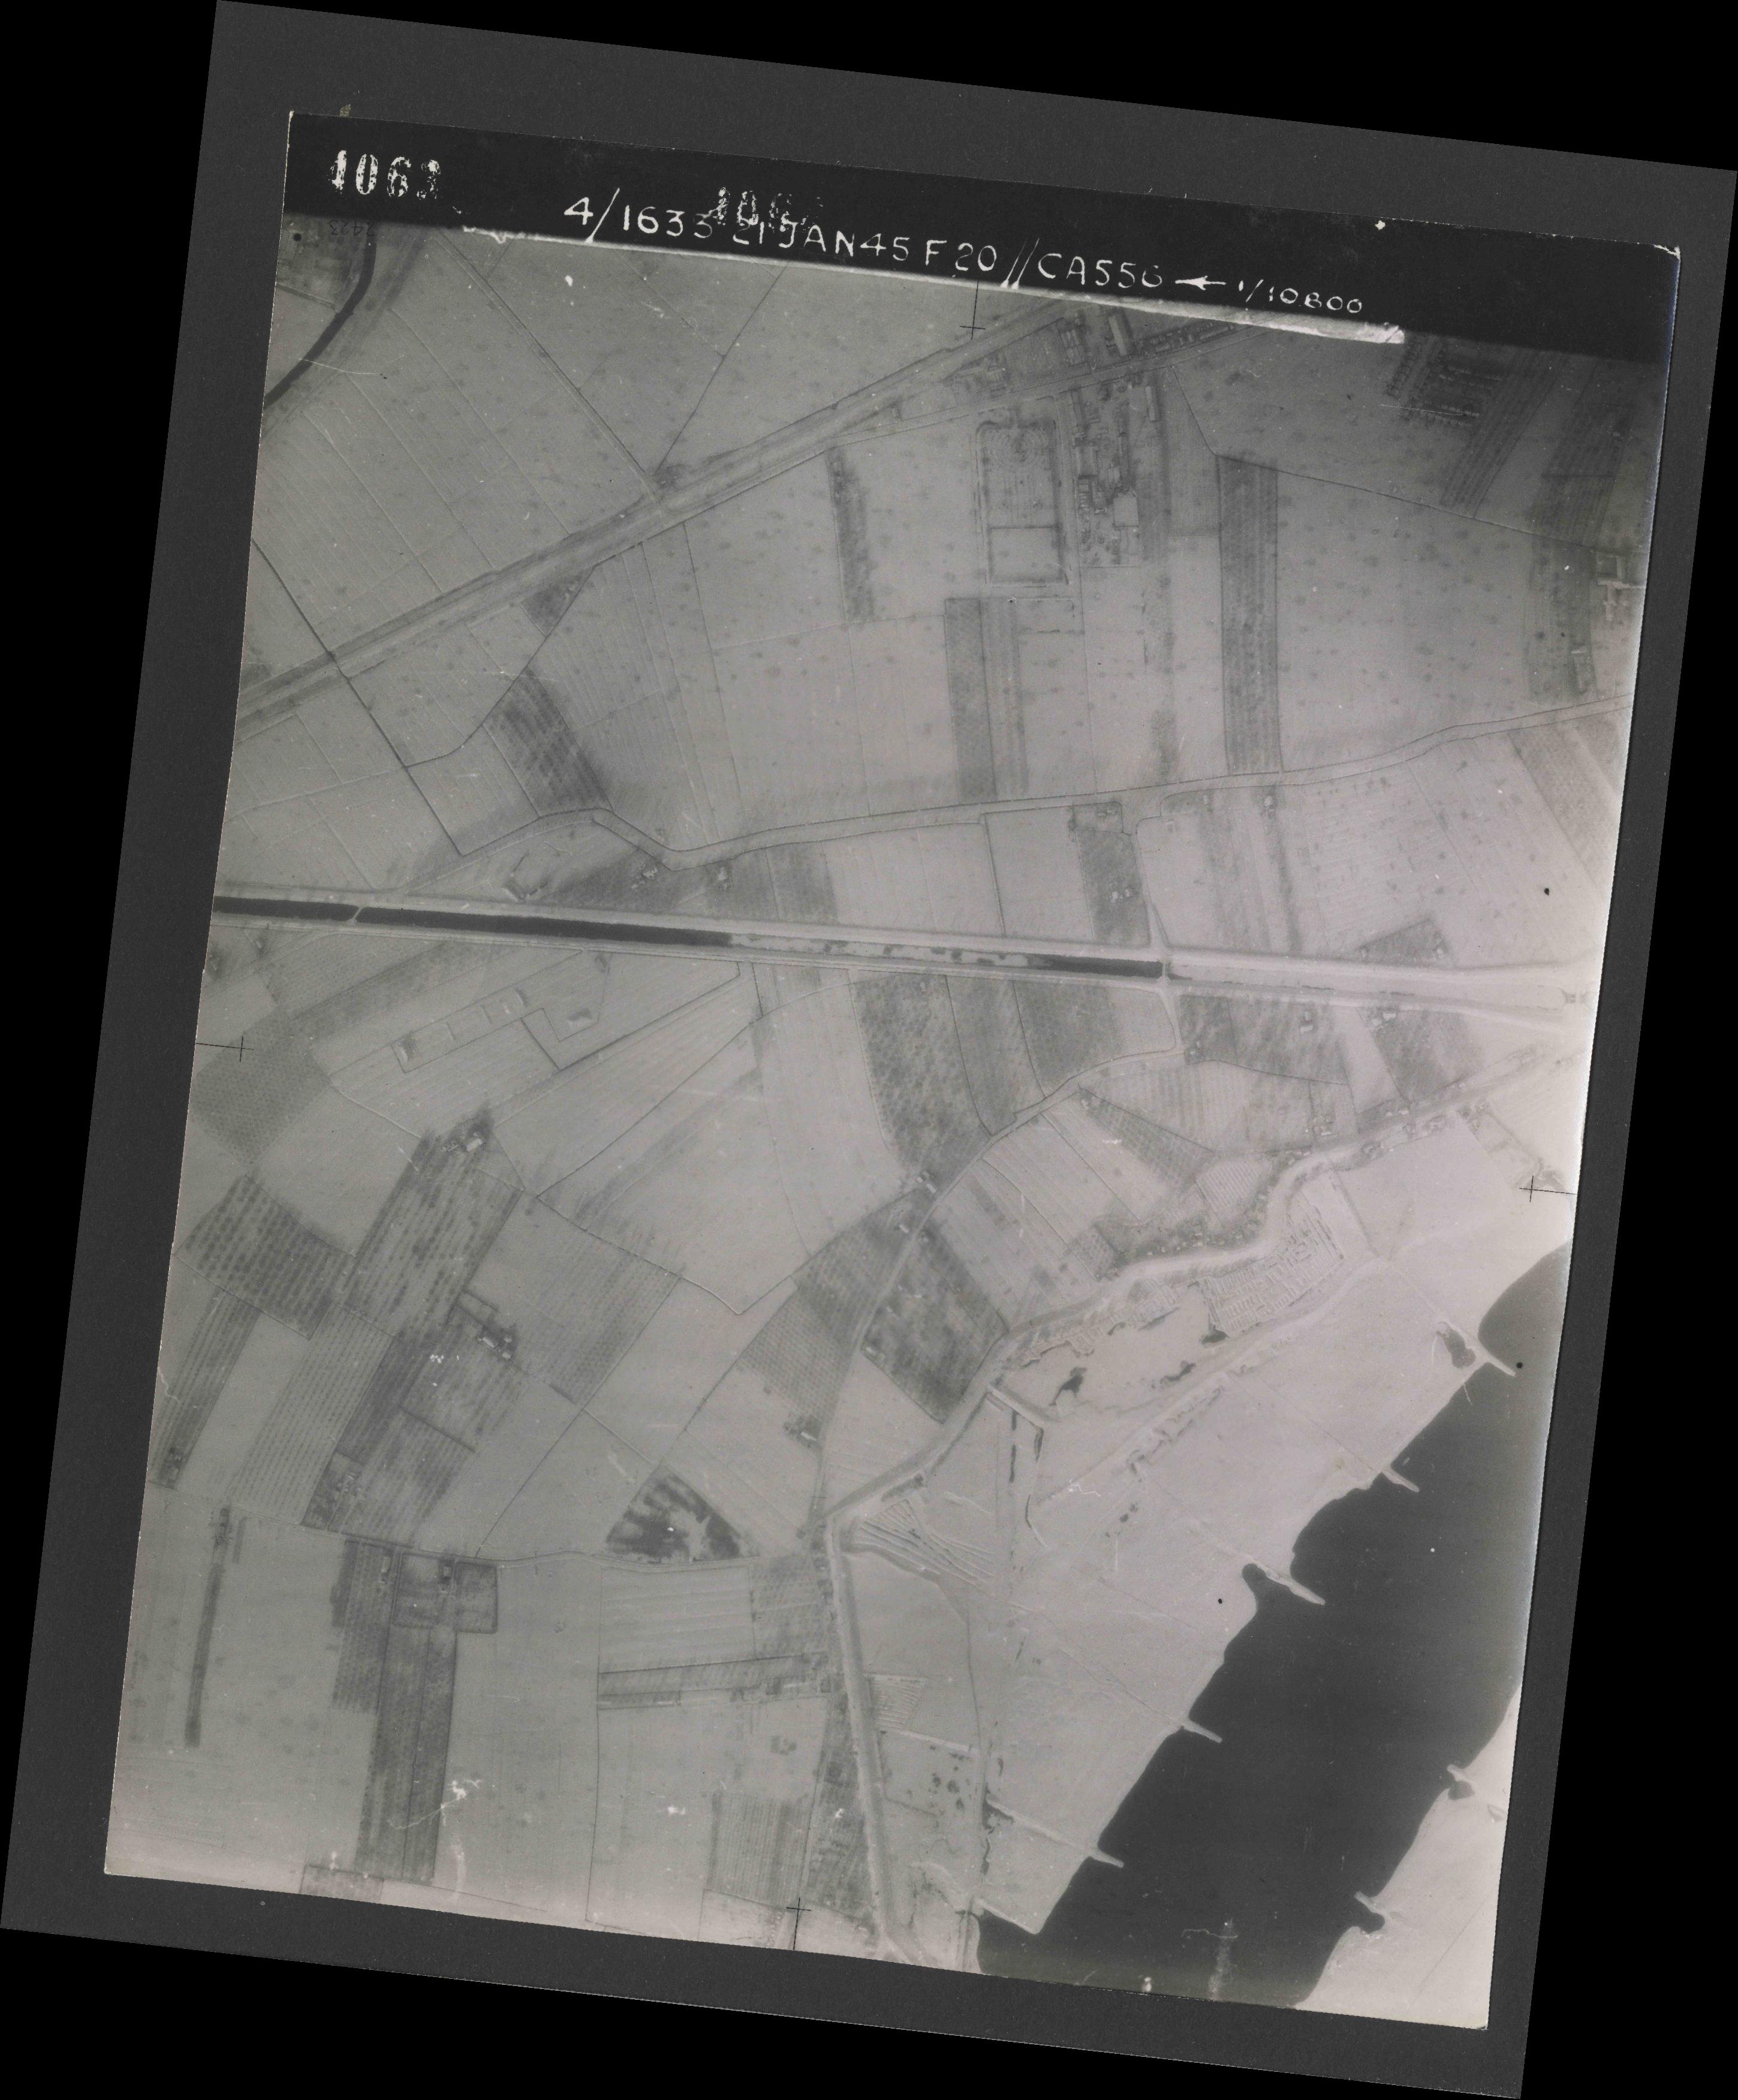 Collection RAF aerial photos 1940-1945 - flight 202, run 01, photo 4063